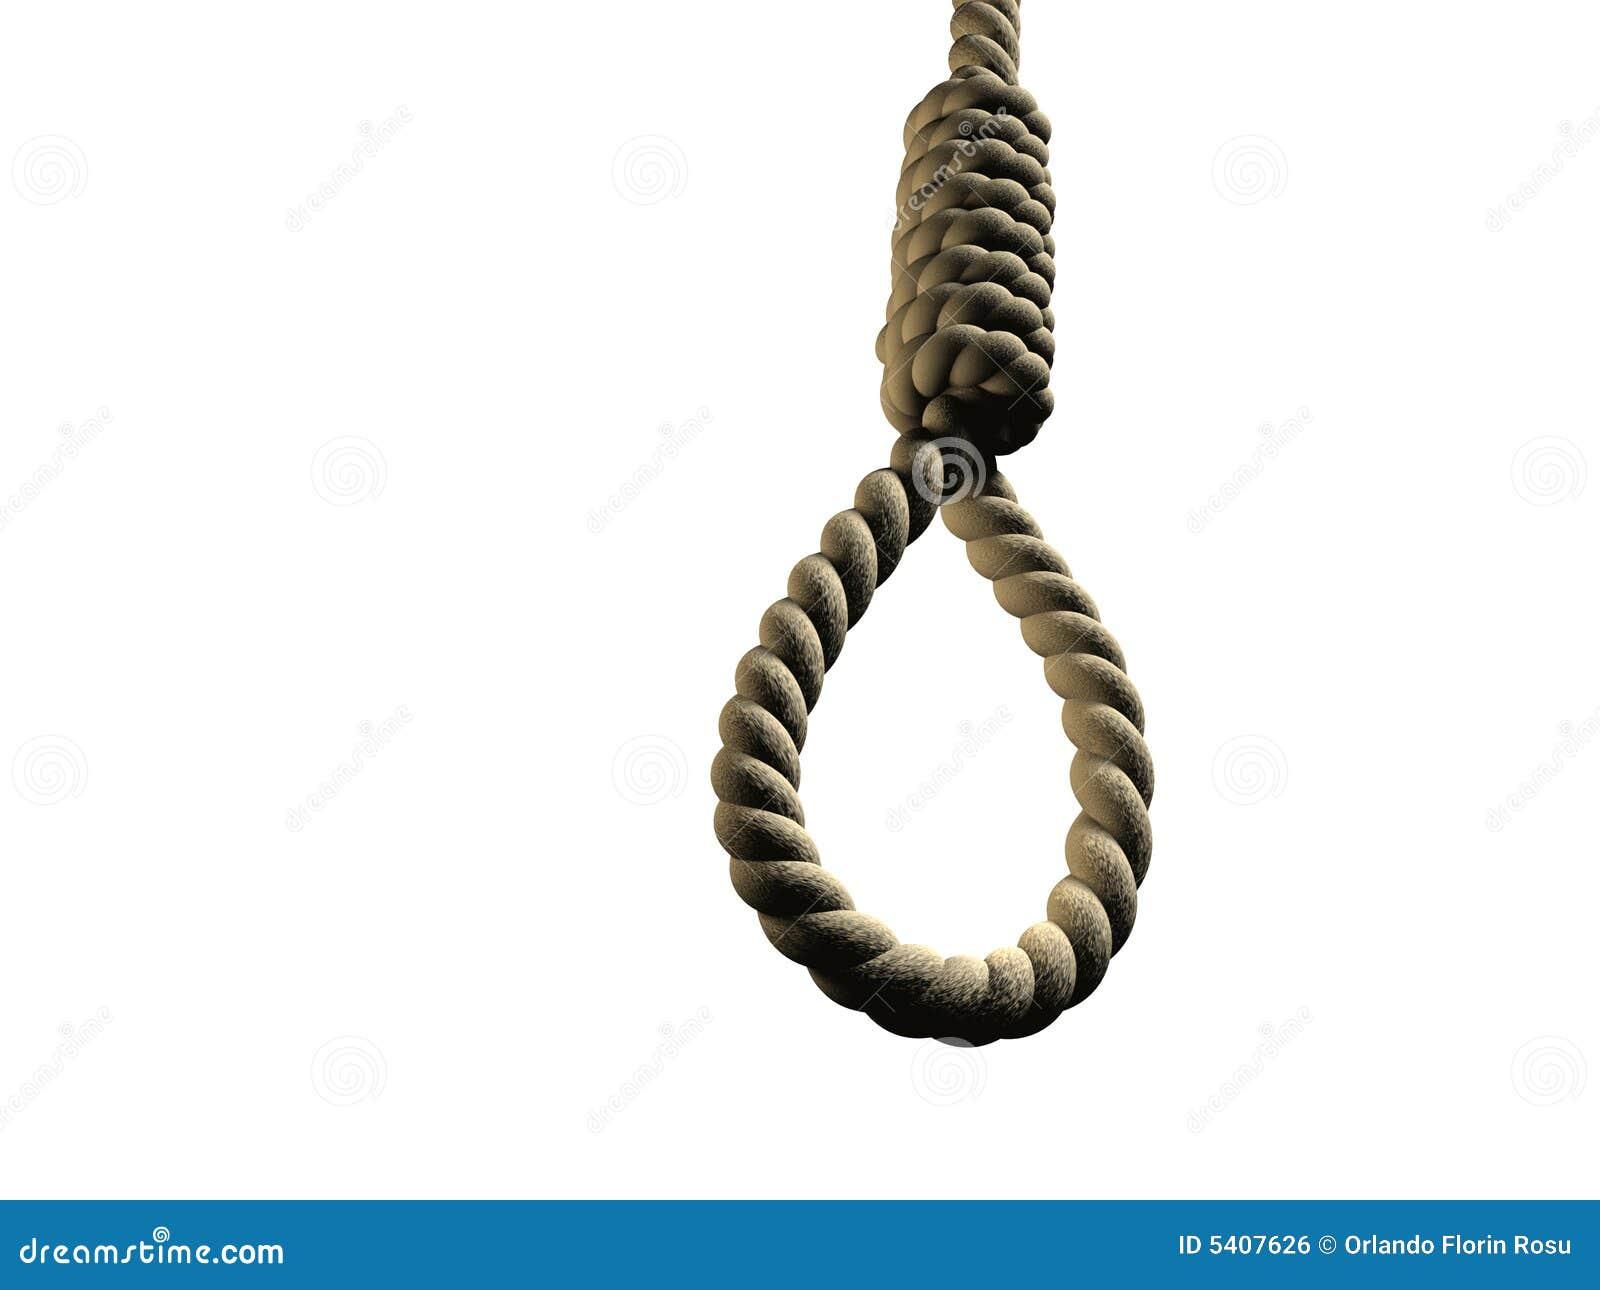 Hangman's Noose Royalty Free Stock Image - Image: 5407626